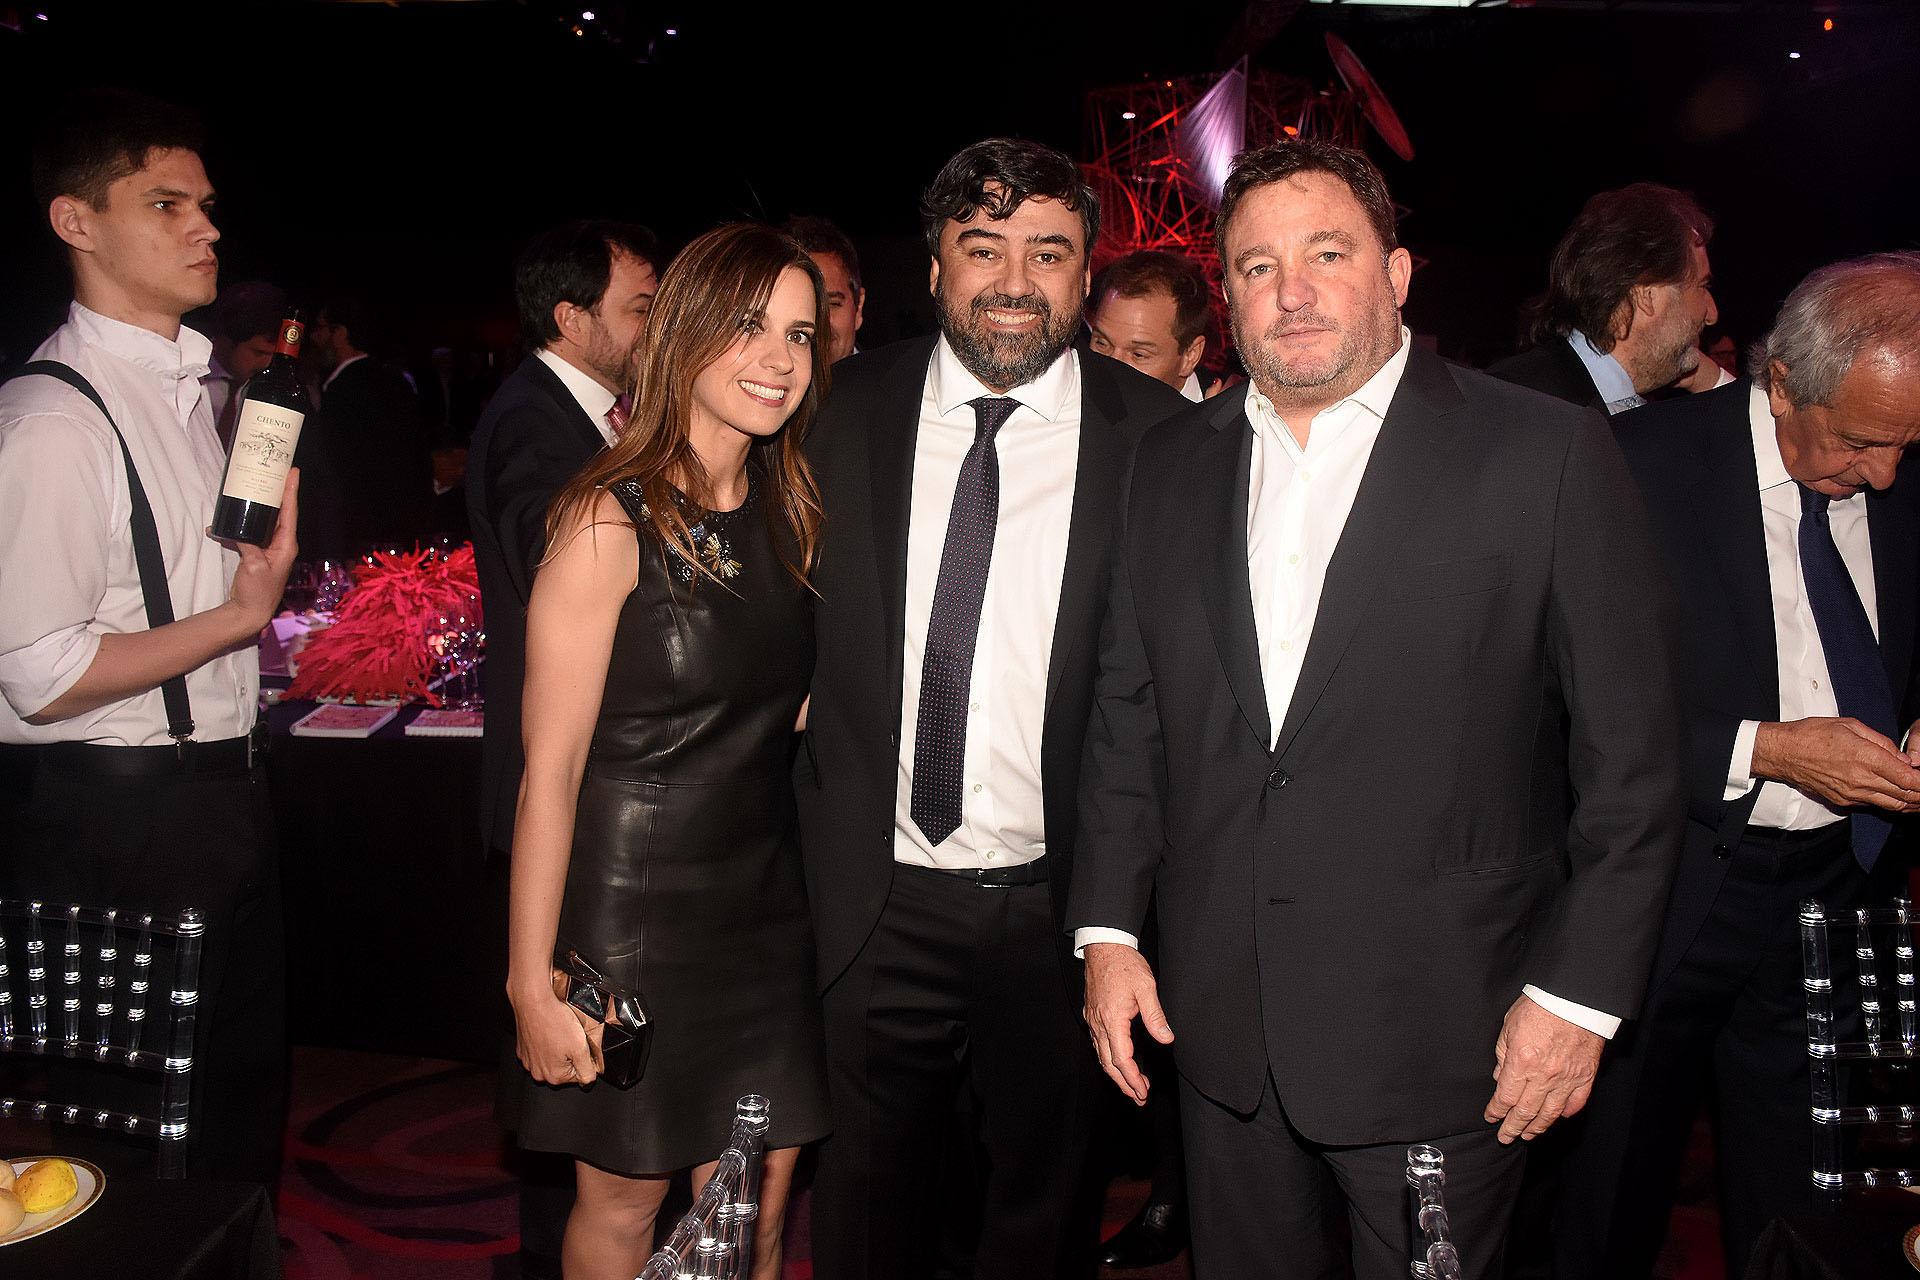 María Guastavino, Juan Cruz Ávila y Alejandro Macfarlane